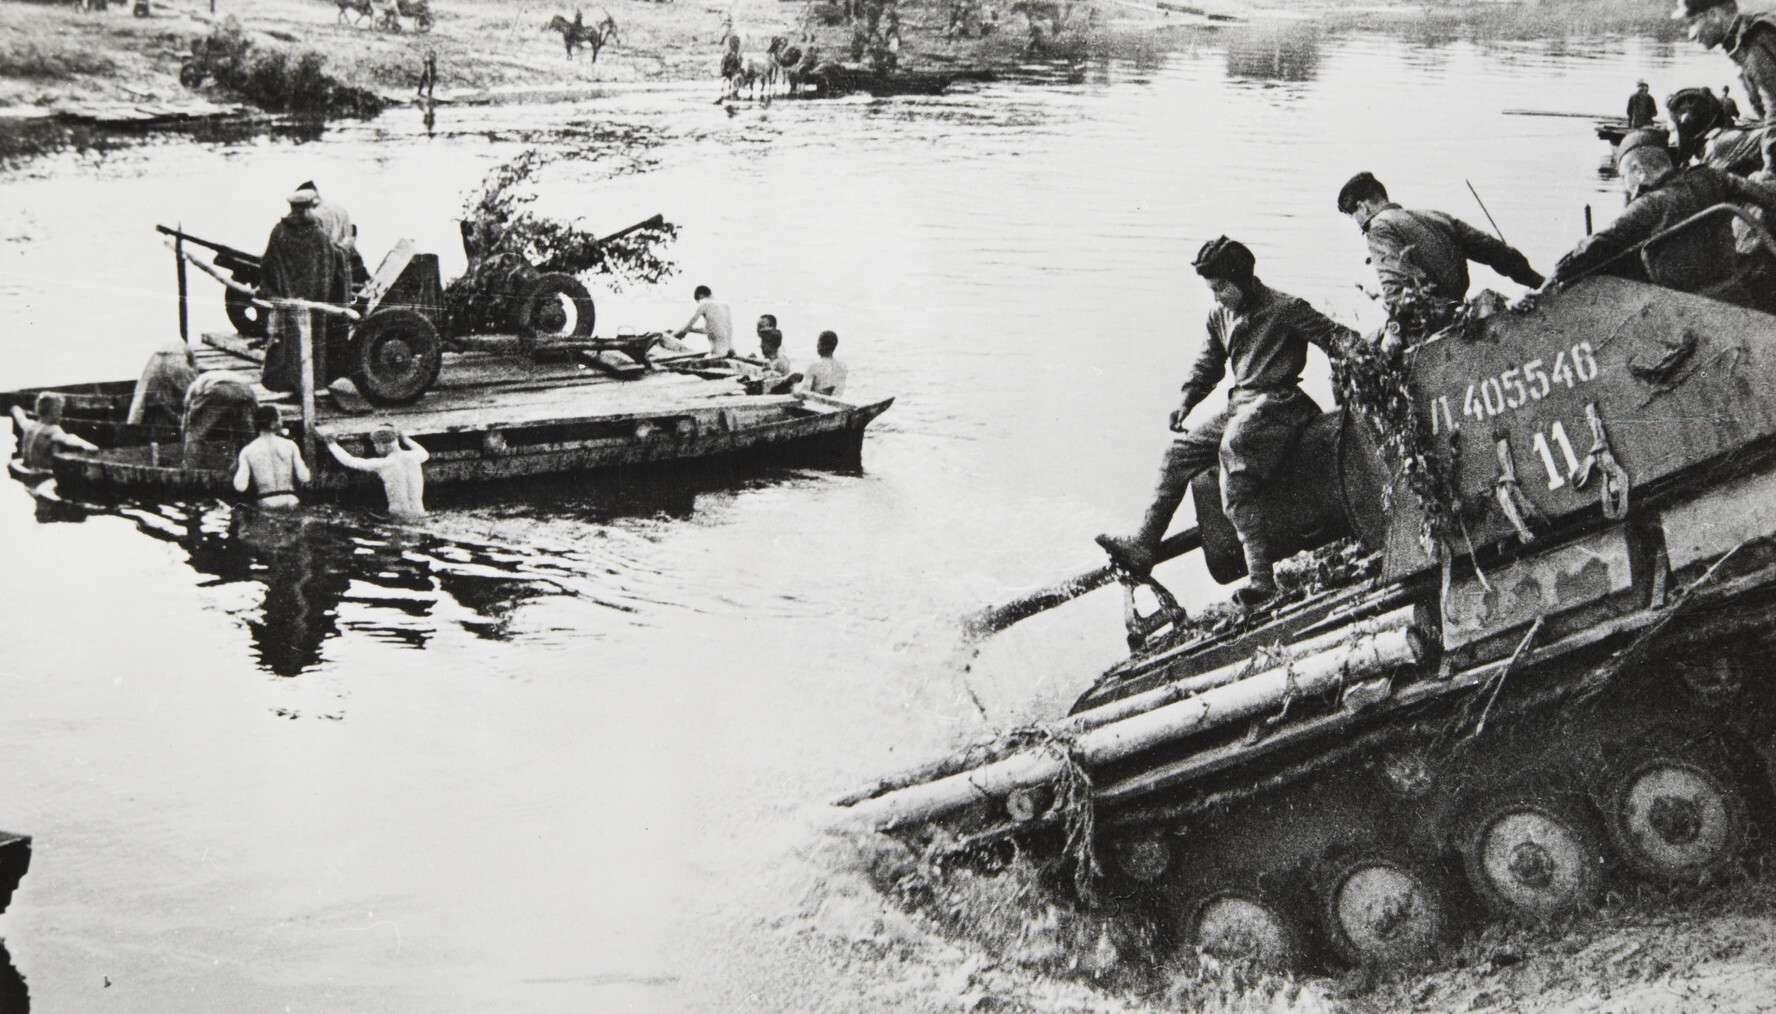 Иван Шагин.    Форсируют водный рубеж   Германия,Берлин, 1945